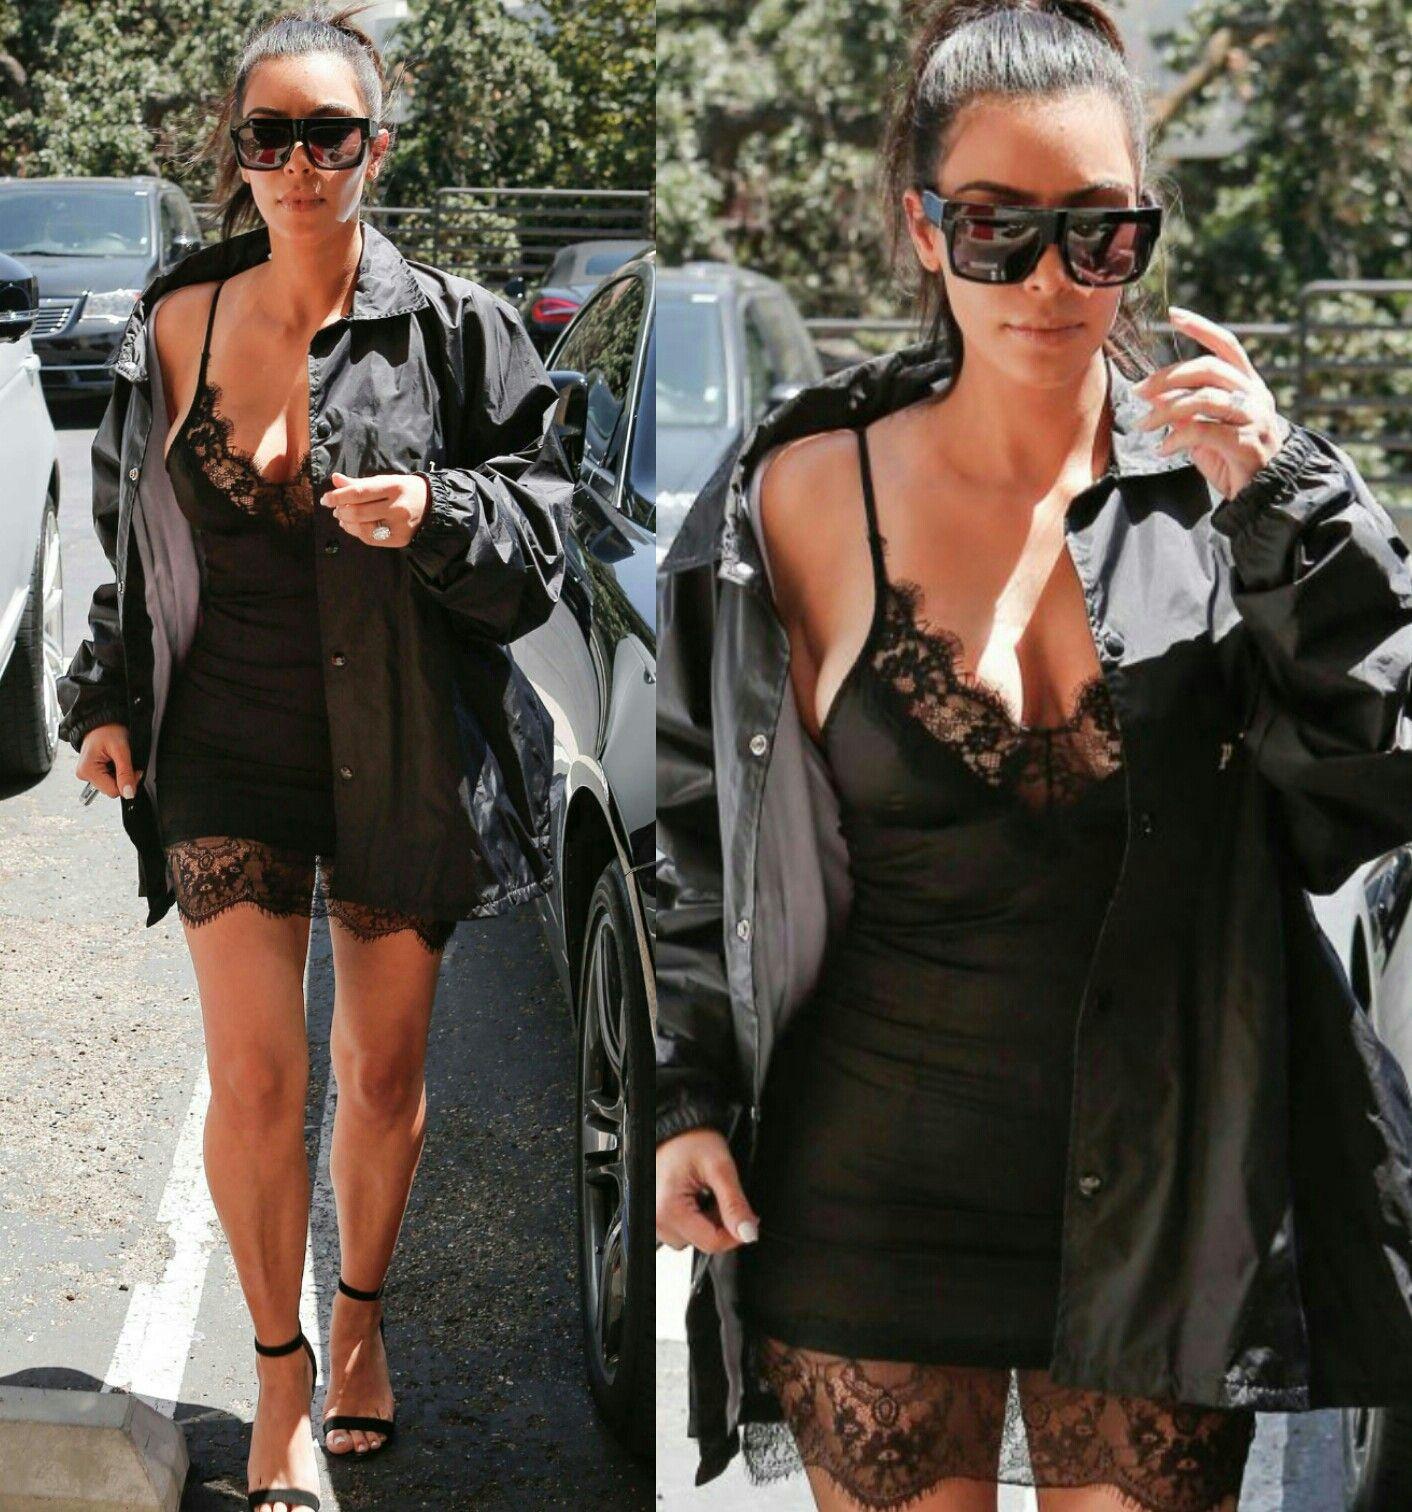 Kim Kardashian me surpreendeu neste look com slipdress. É diferente dos vestidos lápis que ela costuma usar. Está linda e cheia de estilo!⭐ #creative #fashion #style #kimkardashian